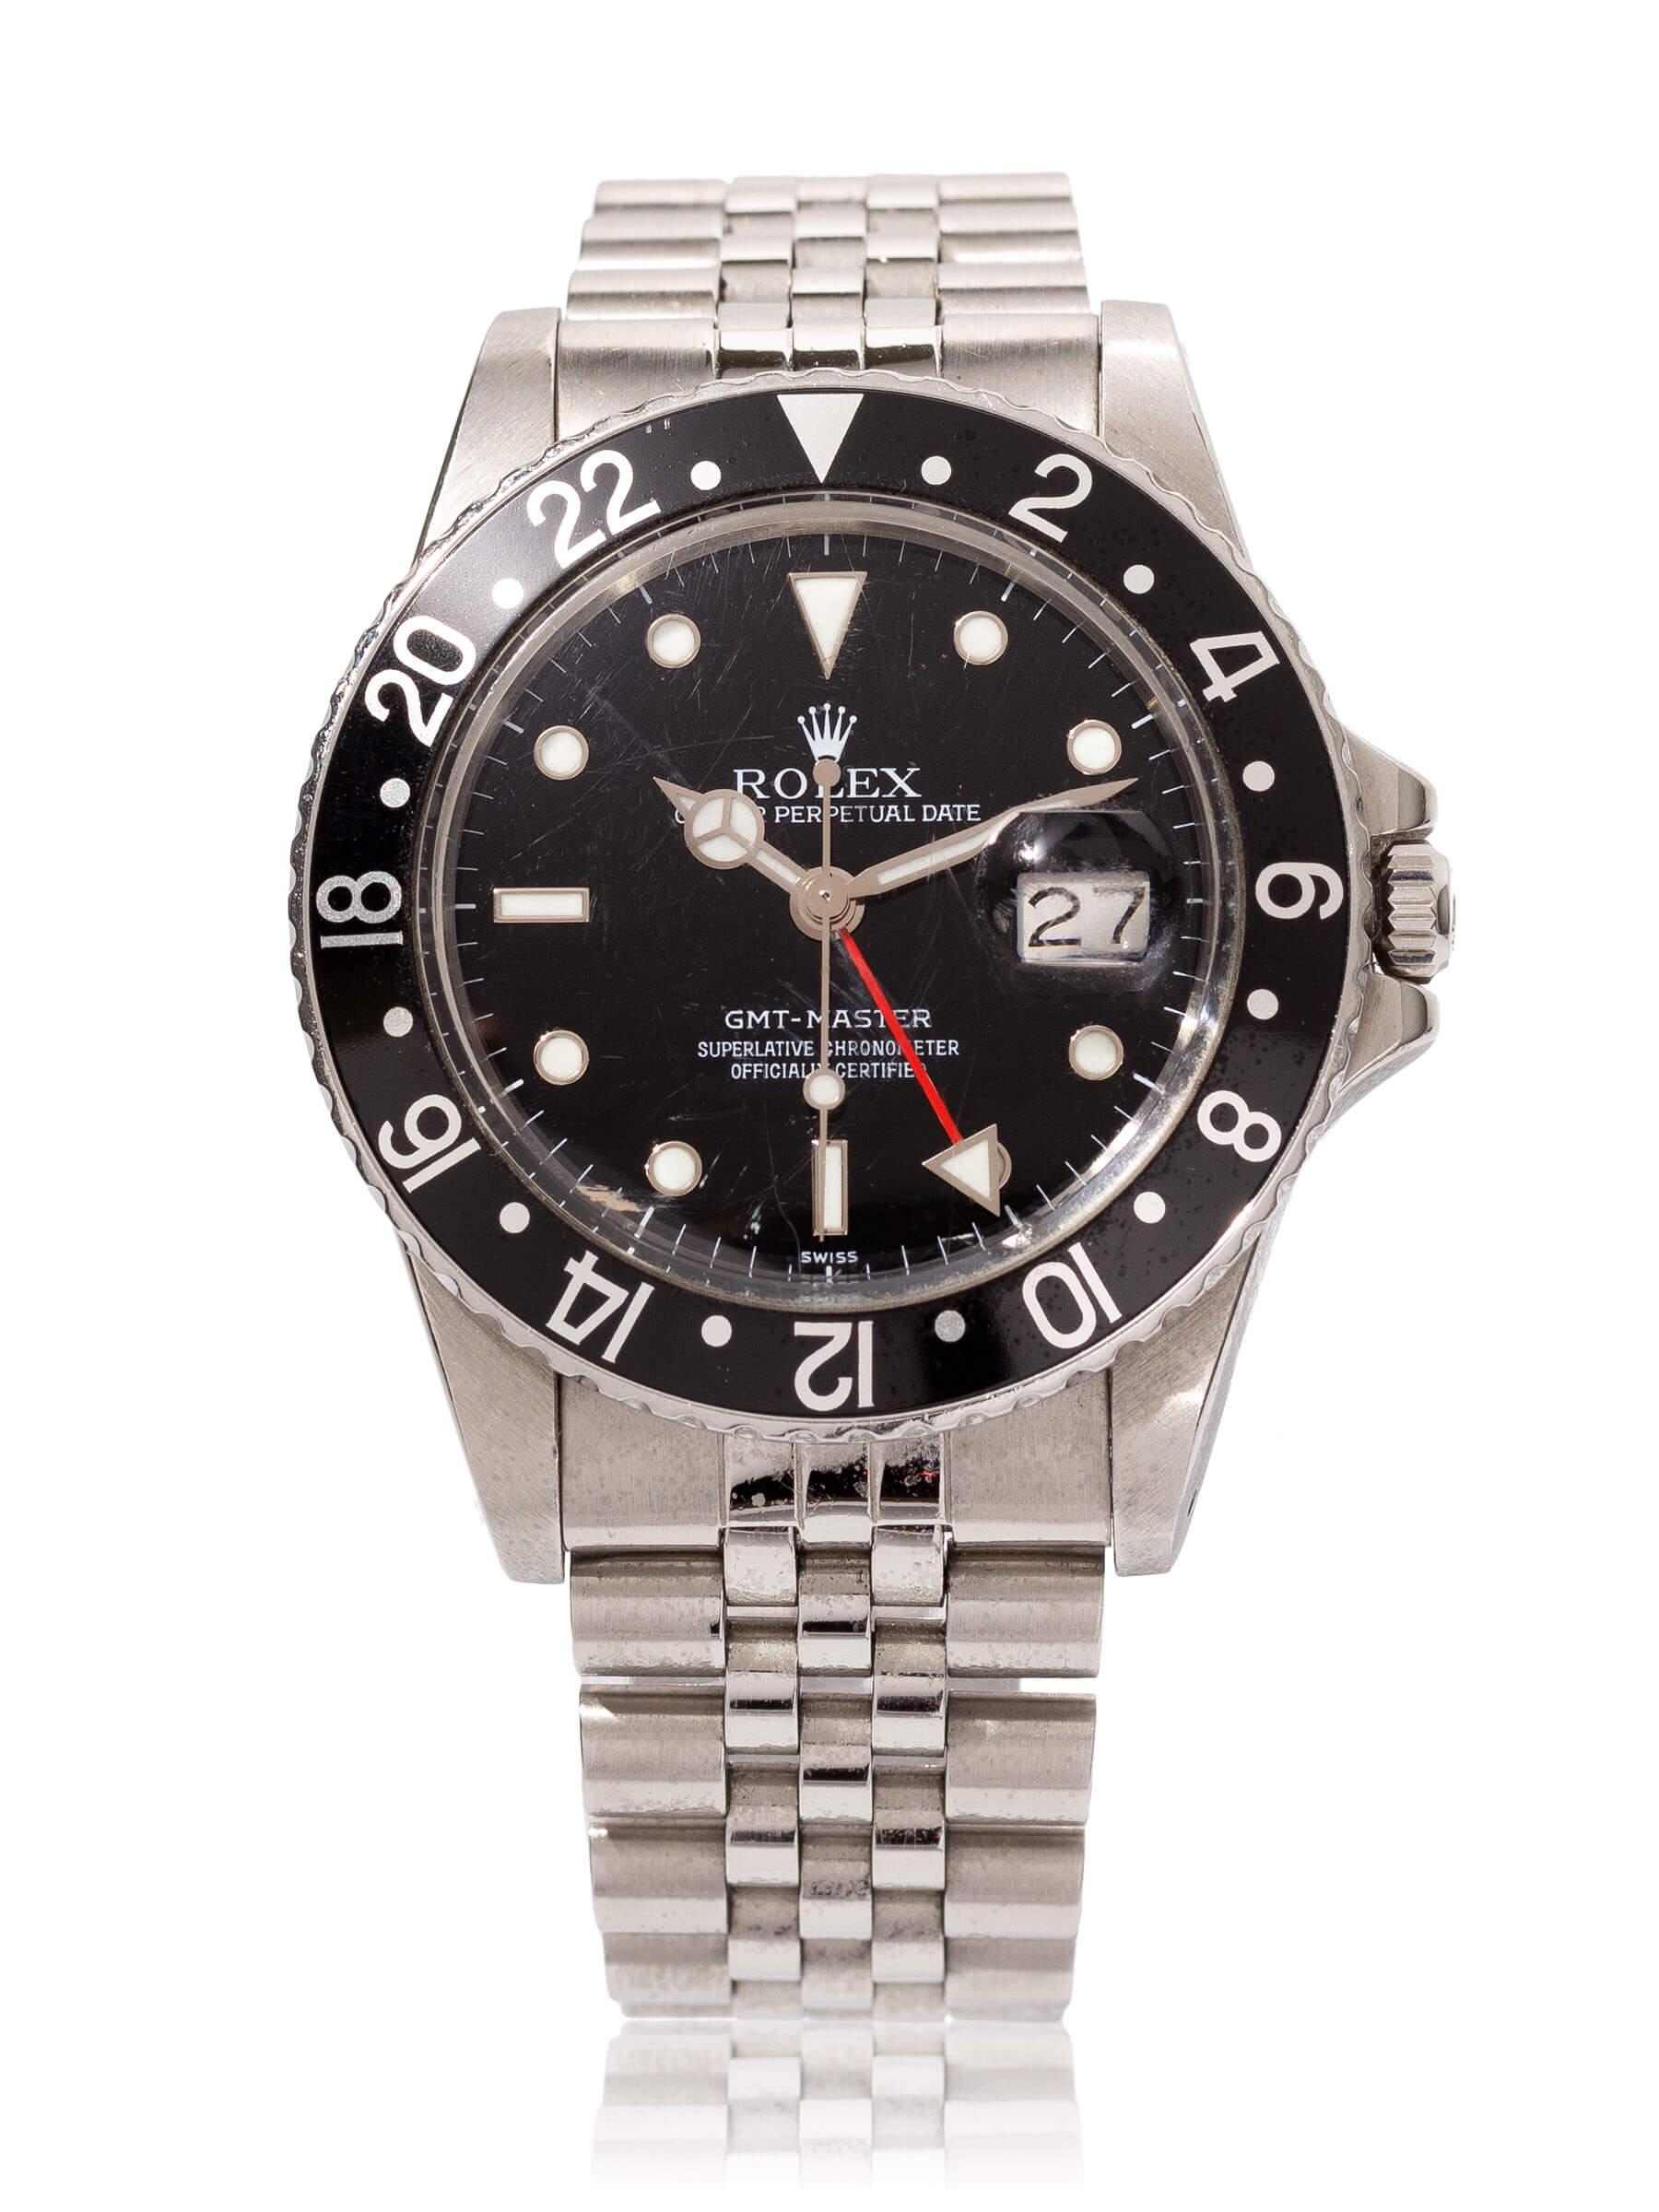 Rolex-Vintage-GMT-Master-16750-1981